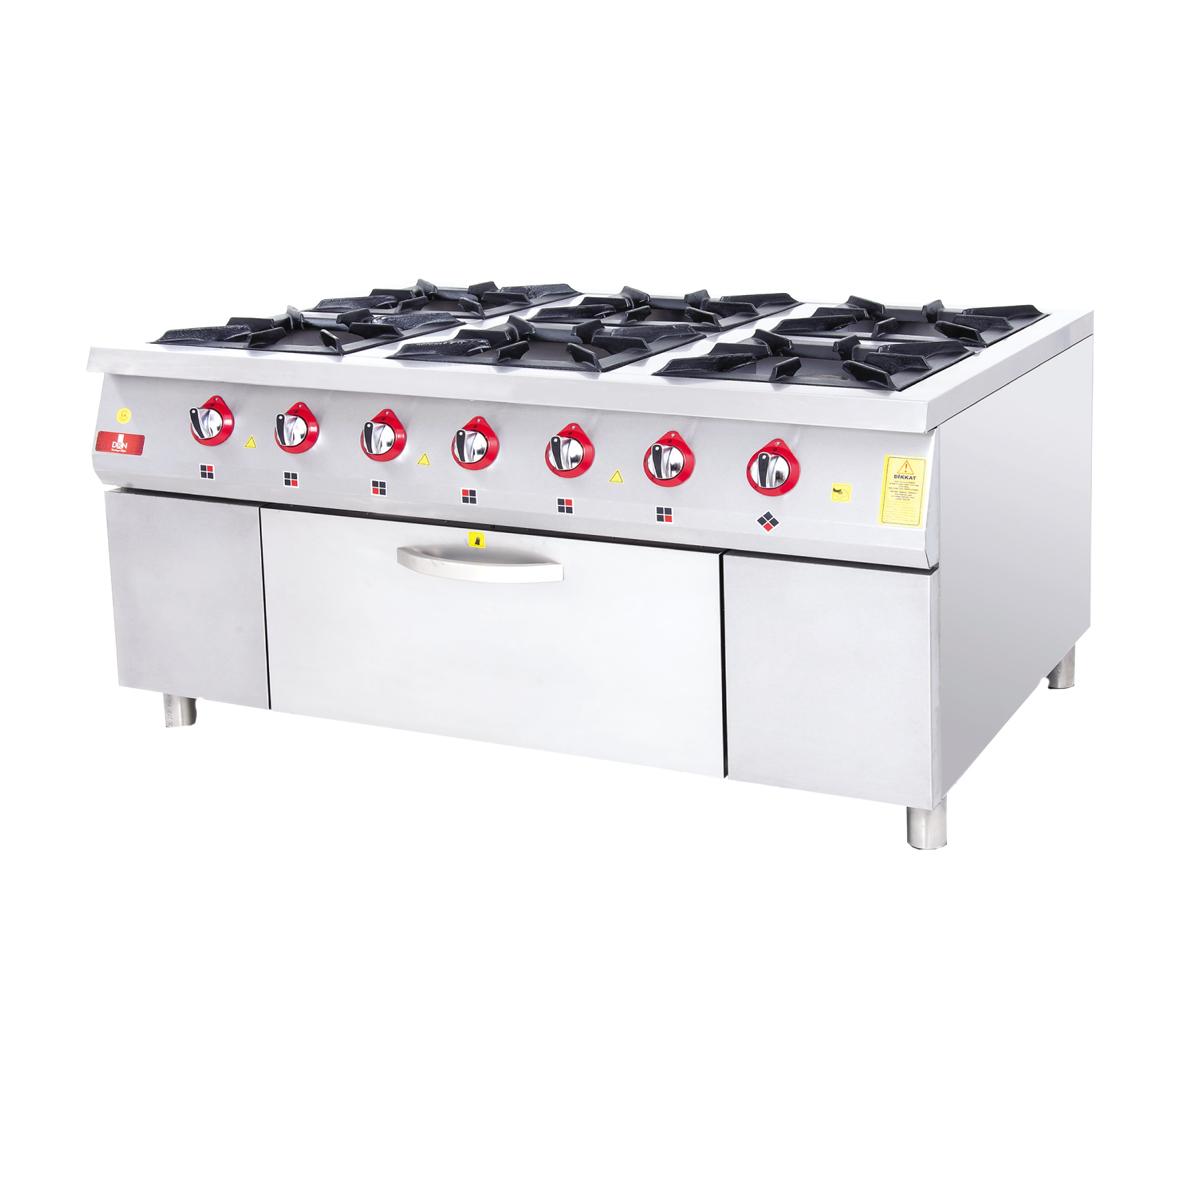 Range With Oven - 6 Burners - 120x90 - Gas